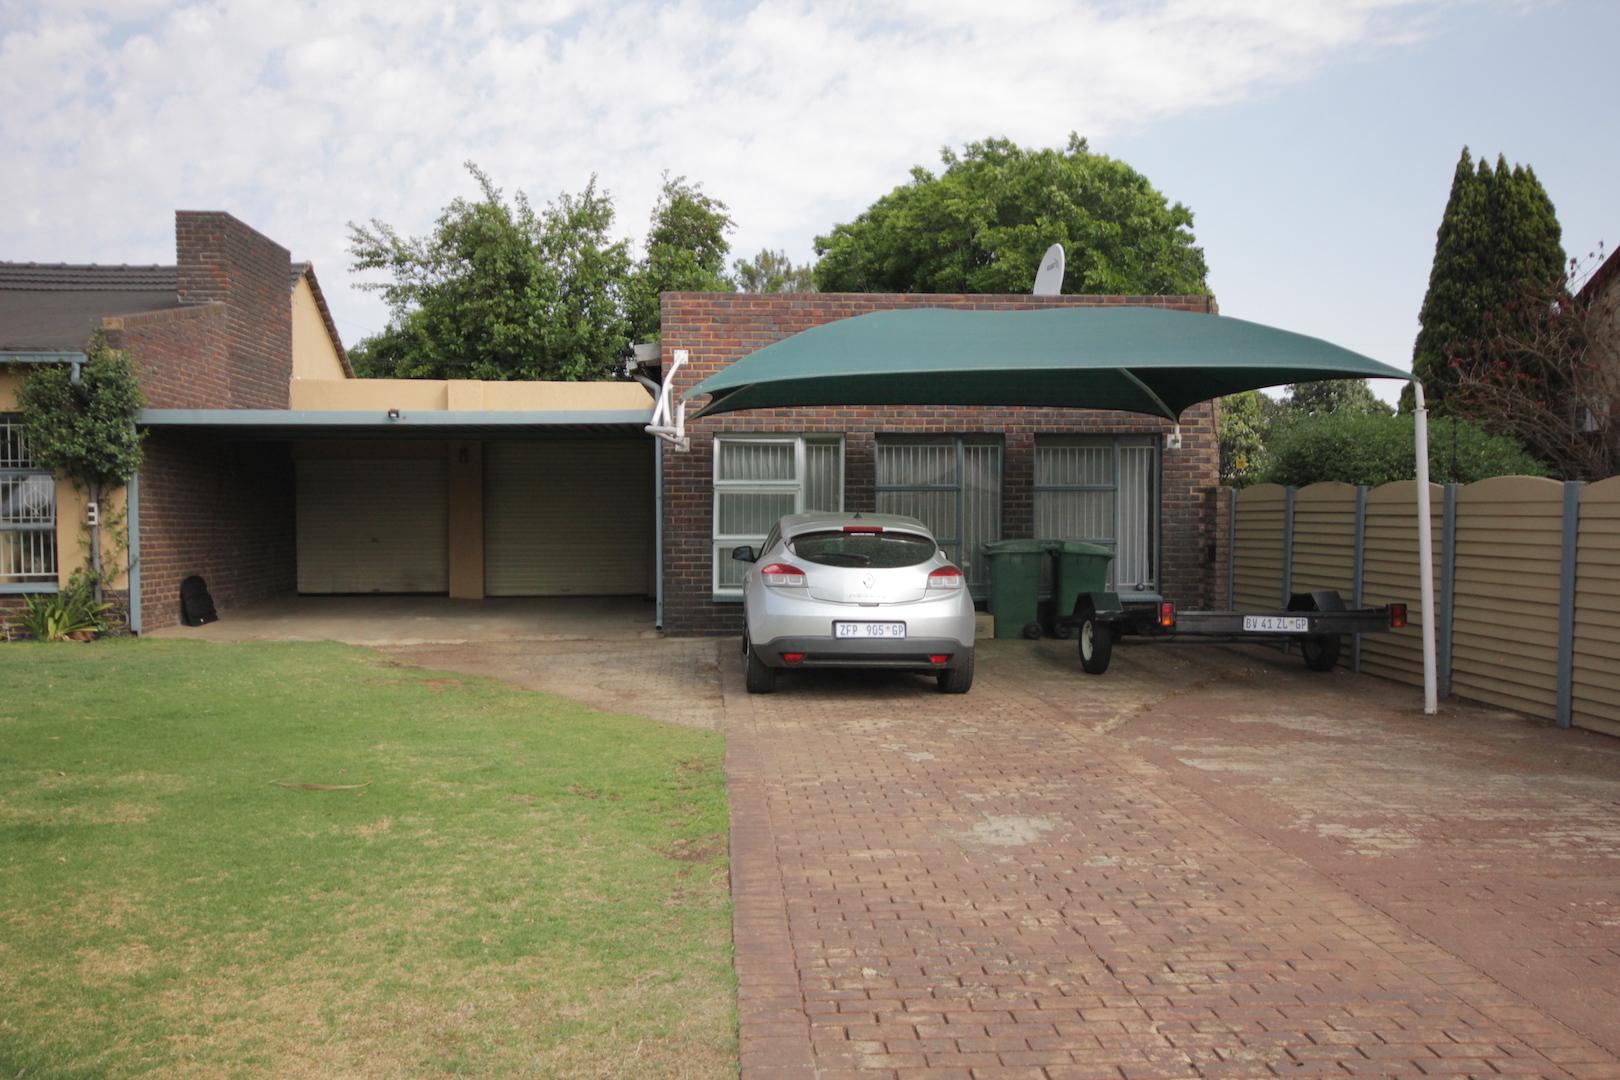 1 Bedroom House for sale in Brackenhurst ENT0067102 : photo#10